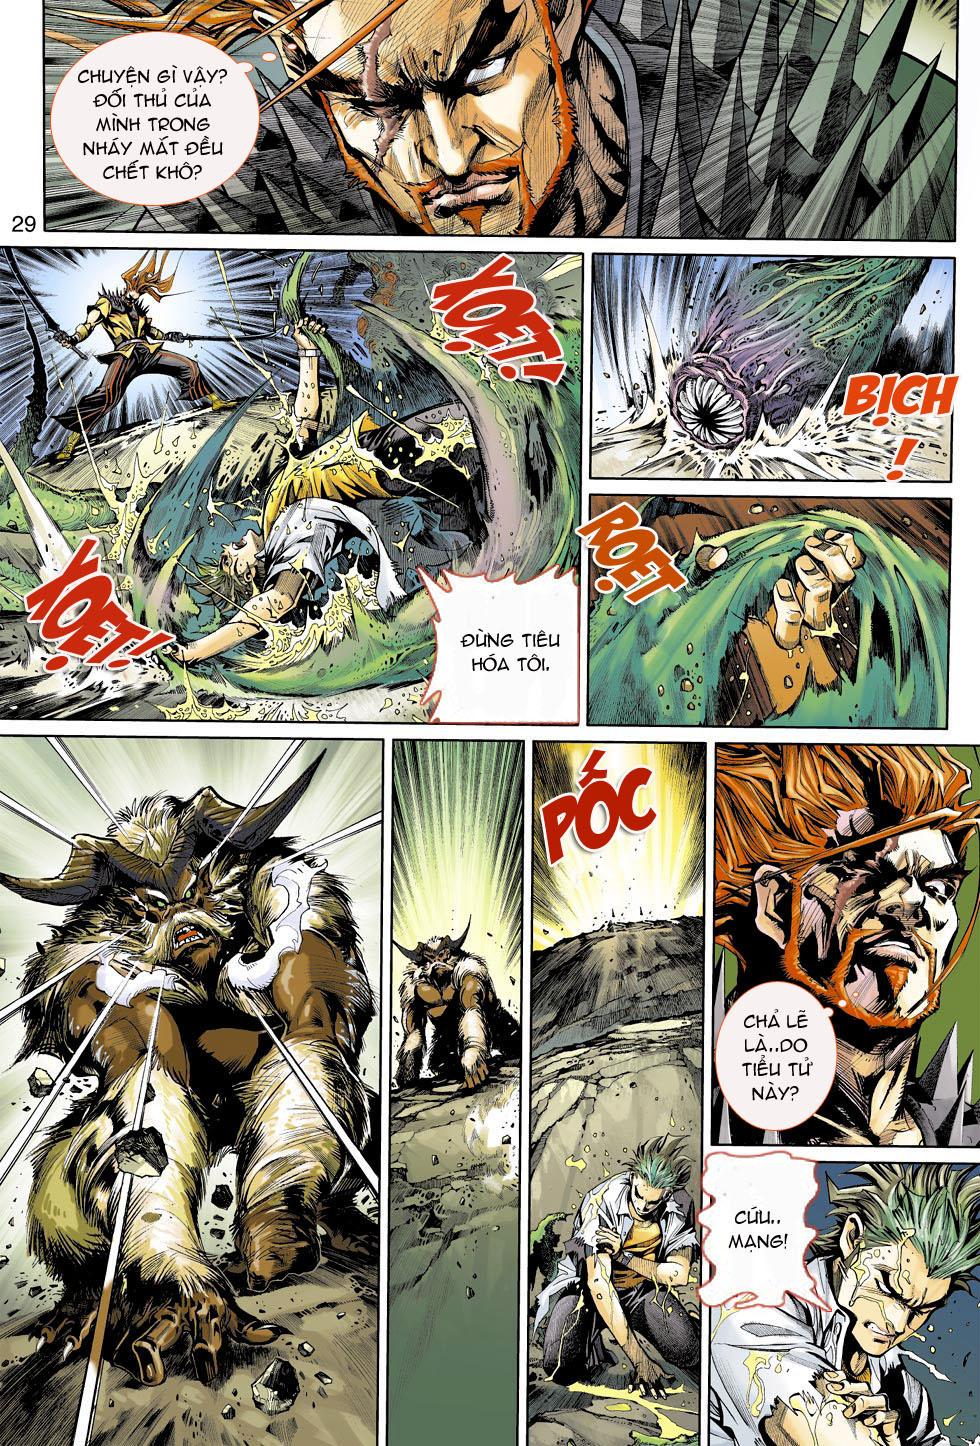 Thần Binh 4 chap 4 - Trang 29